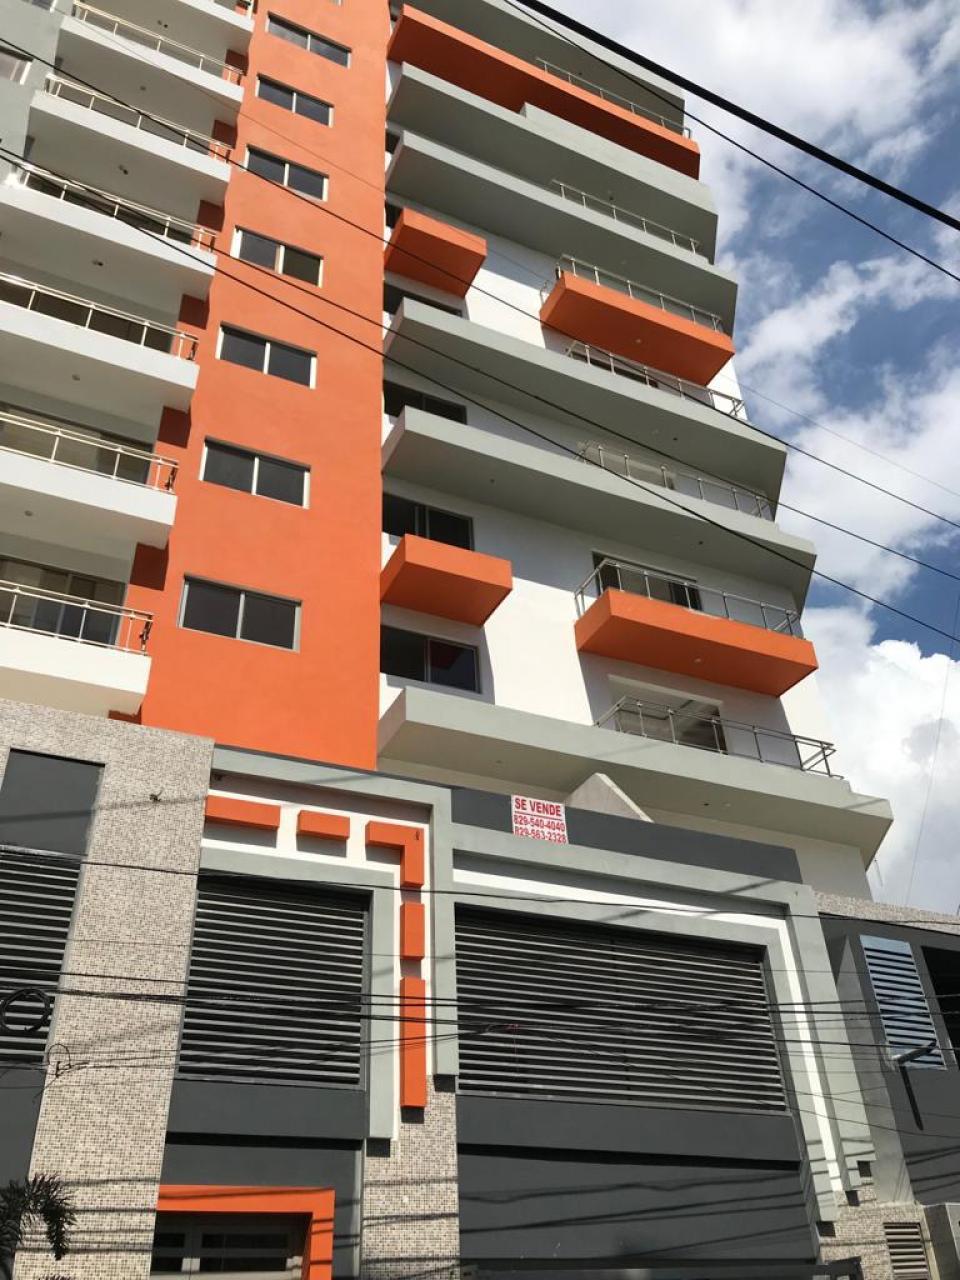 Apartamento en venta en el sector MIRADOR NORTE precio US$ 114,000.00 US$114,000